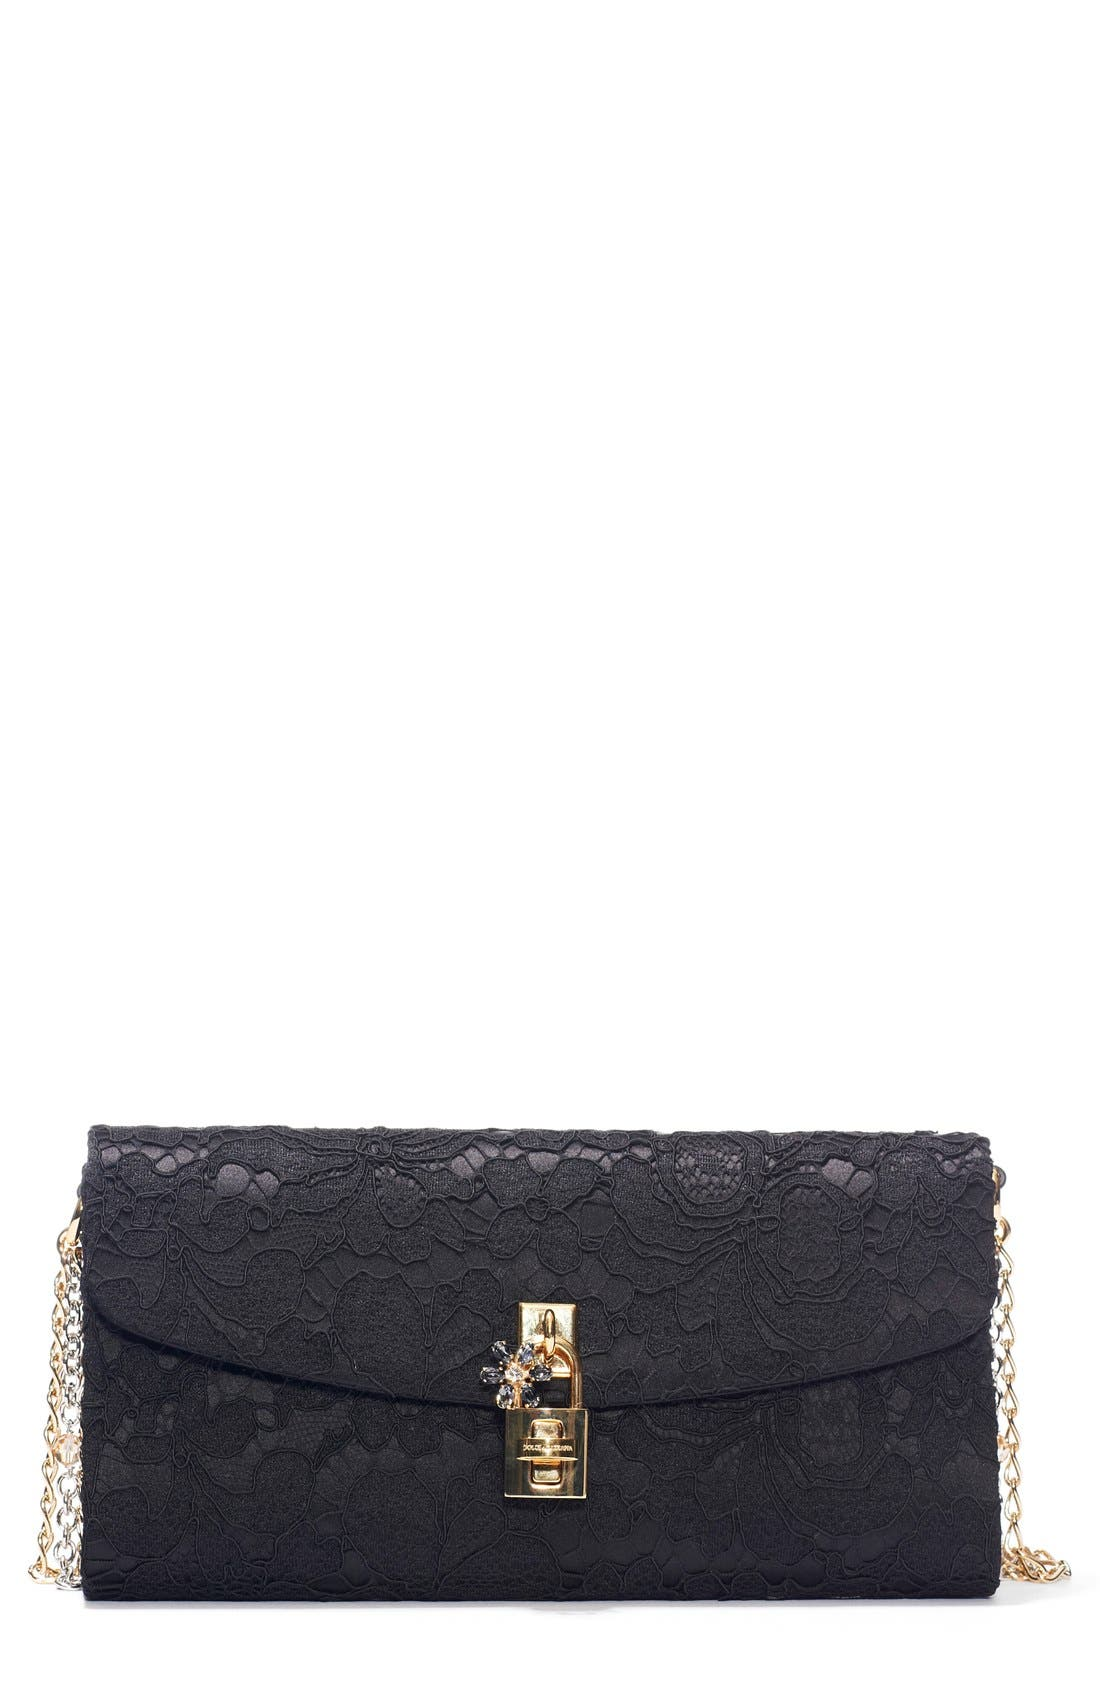 Lace Pouchette Clutch,                         Main,                         color, Black